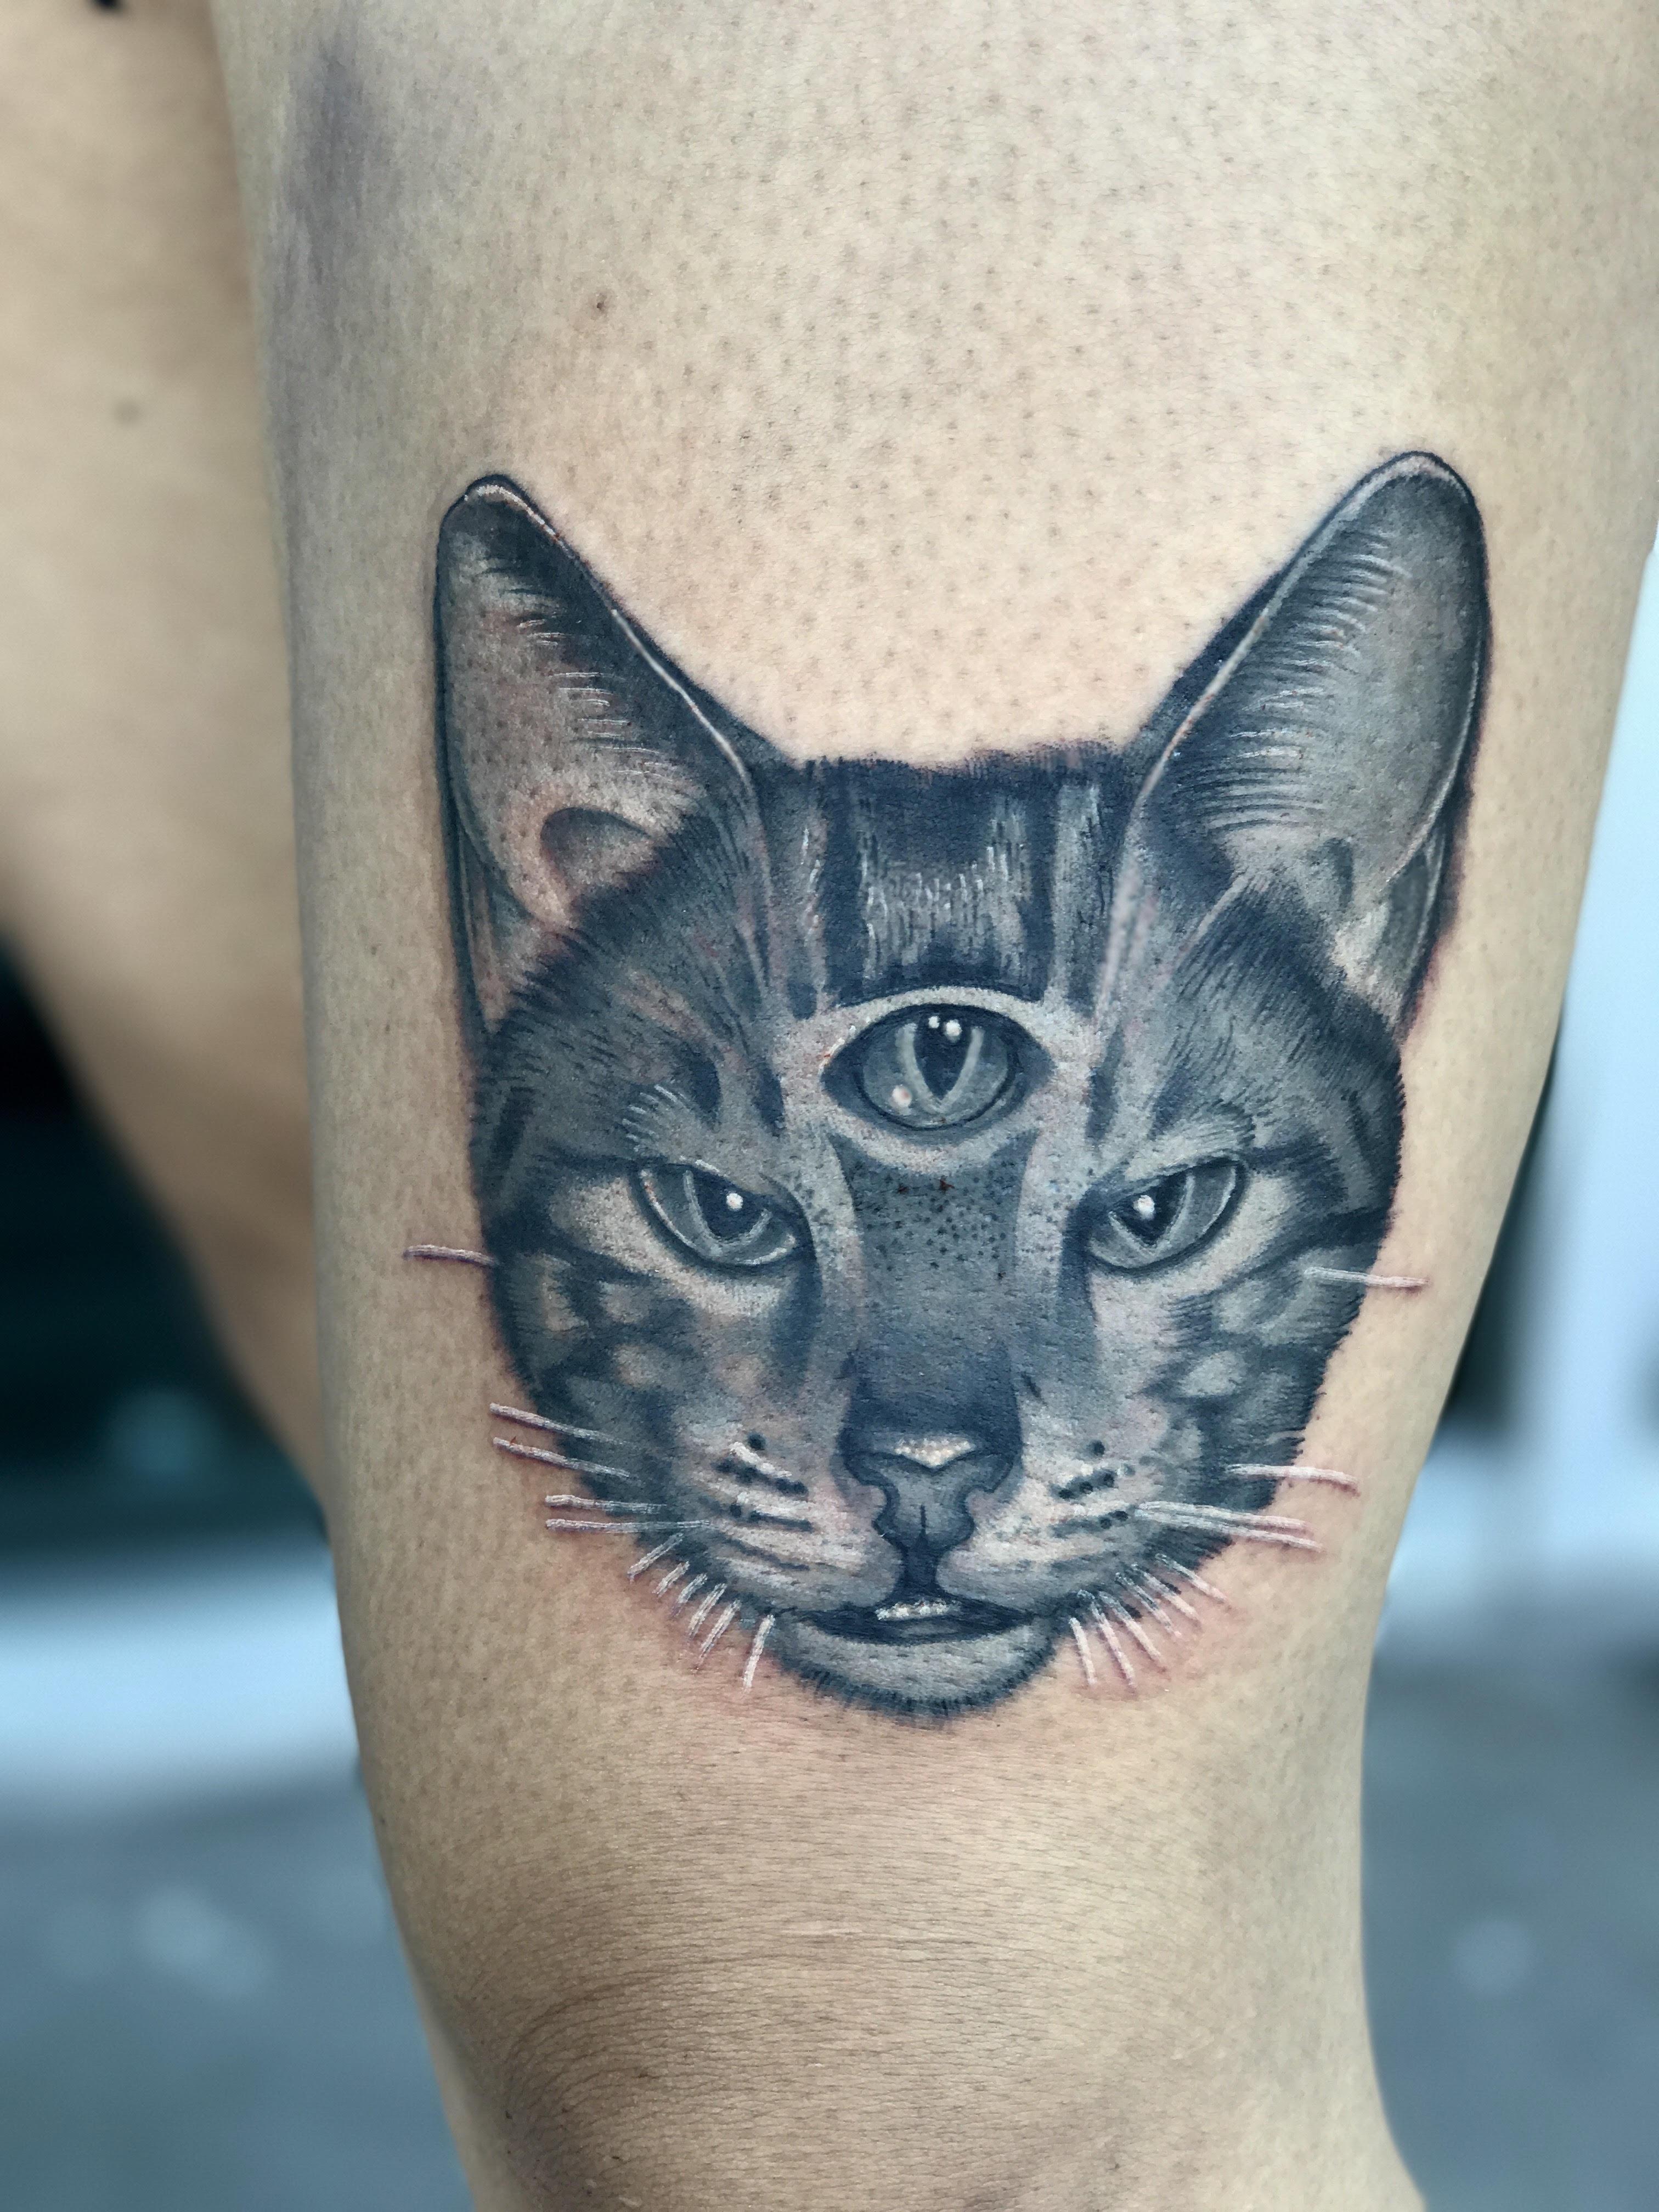 3rd eye cat portrait by Krystof